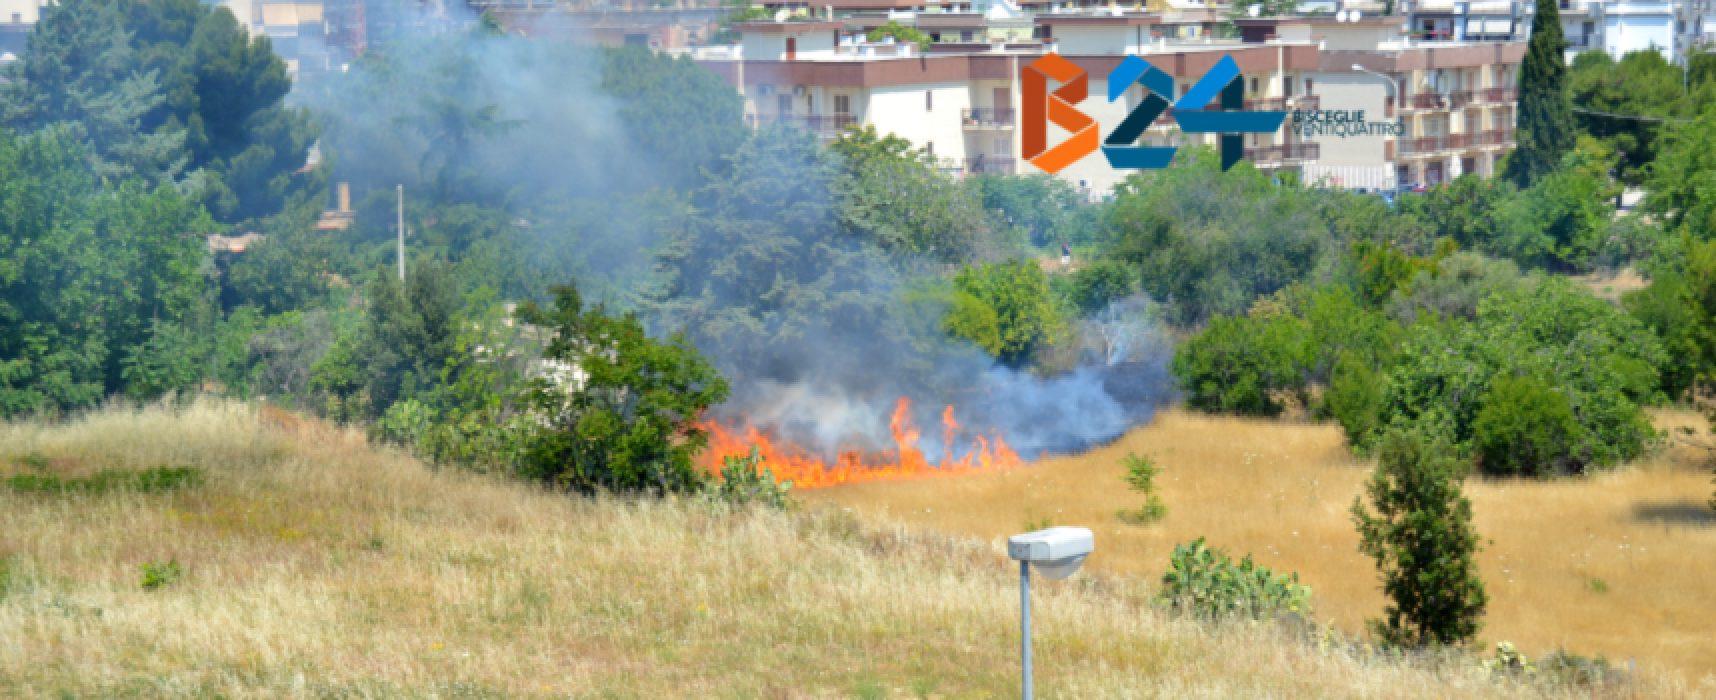 Incendio in alcuni campi del quartiere Sant'Andrea